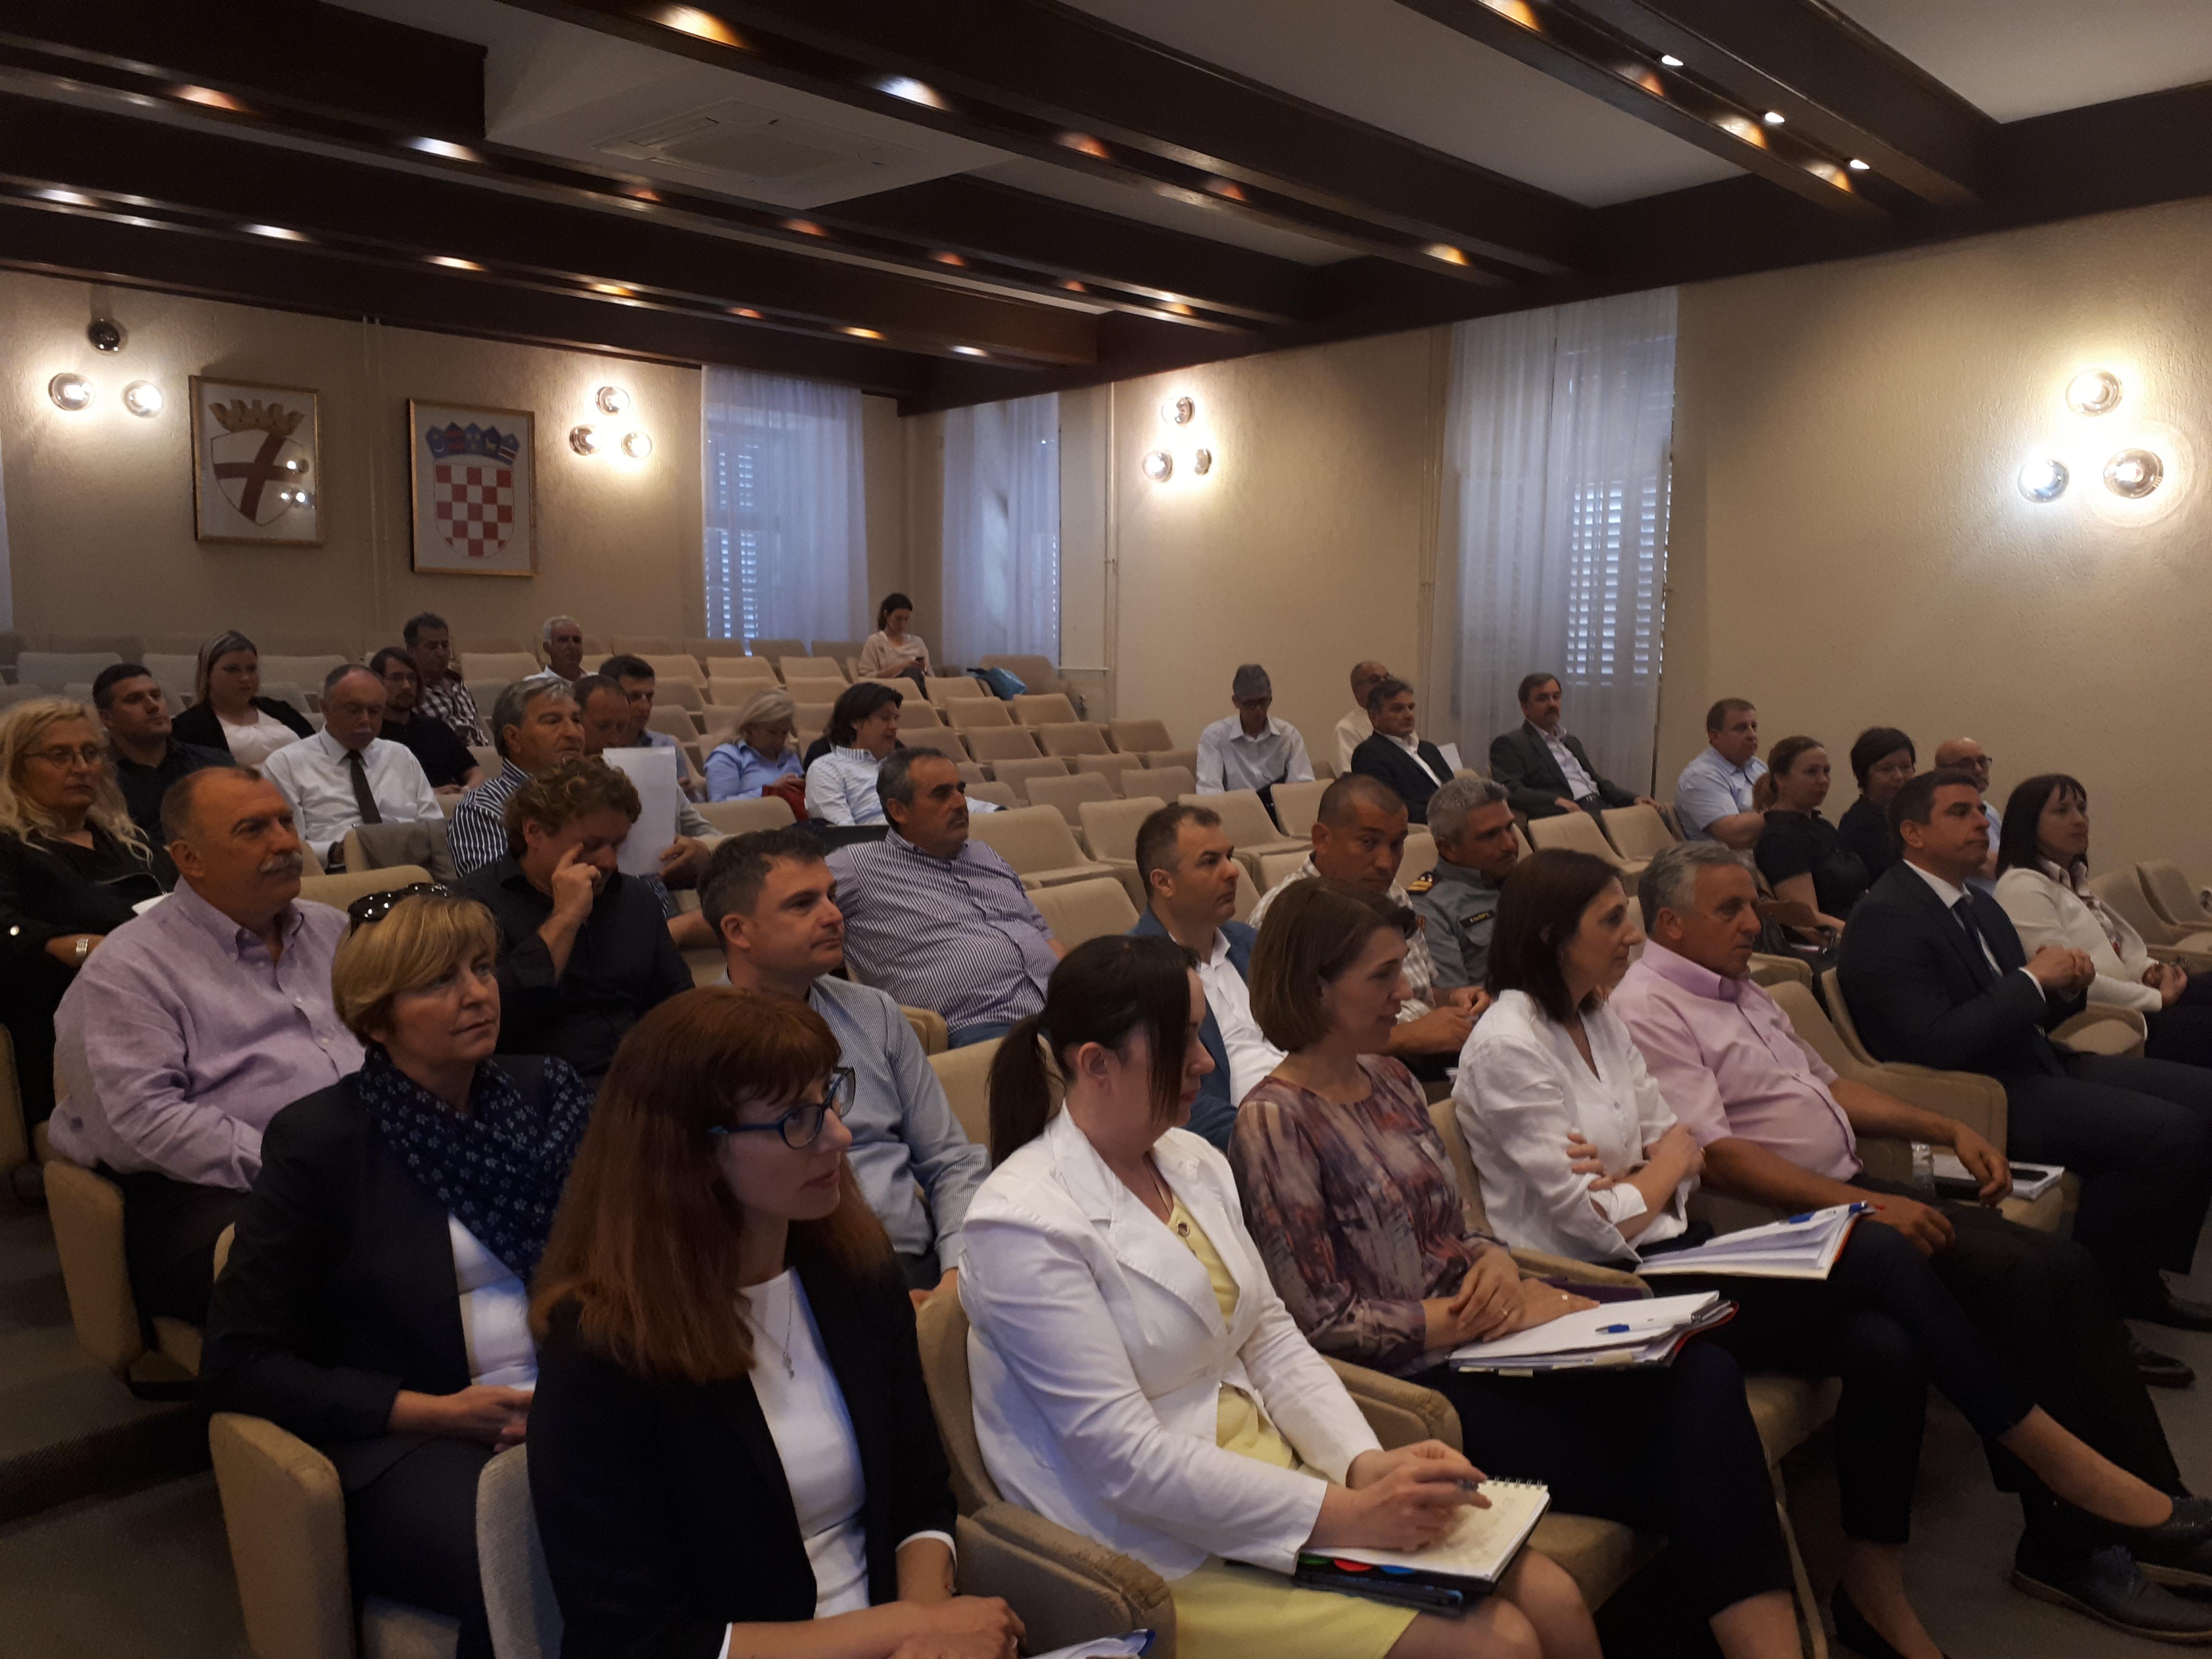 Održana 4. sjednica Gradskog vijeća Grada Rovinja-Rovigno